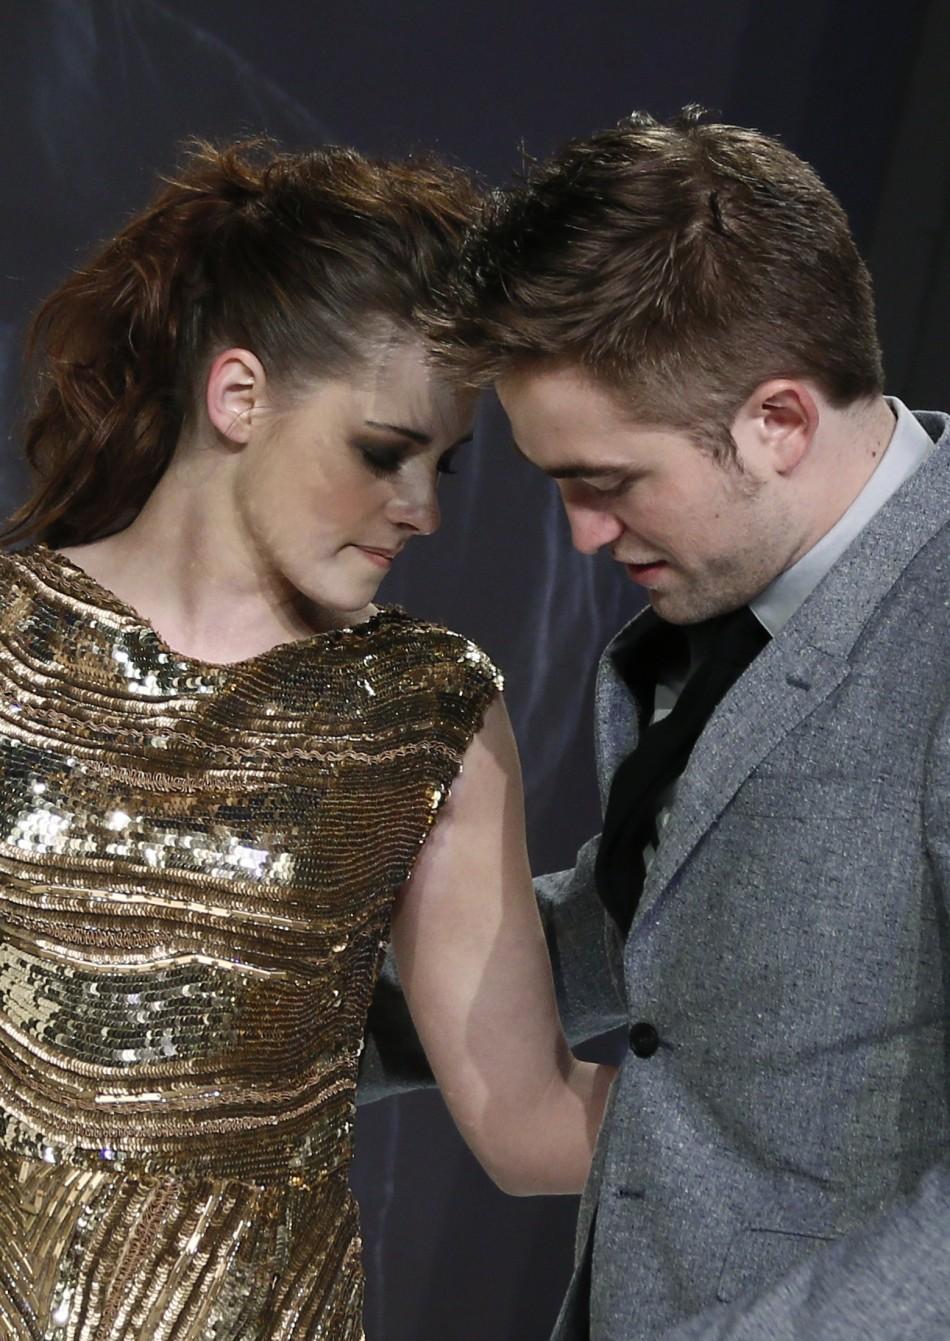 Robert Pattinson (R) and Kristen Stewart